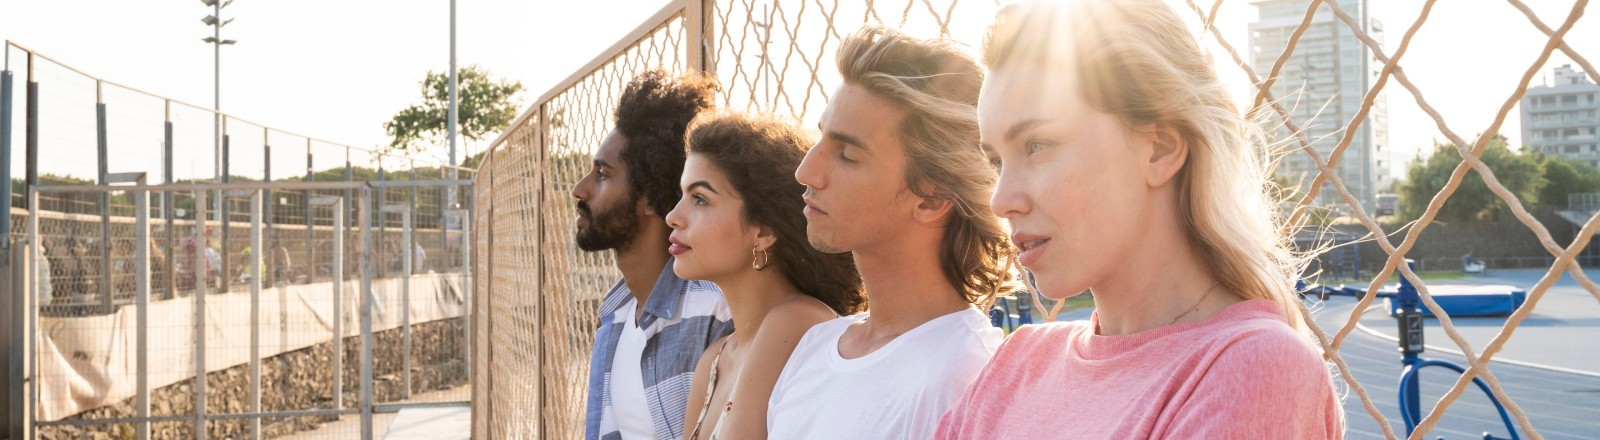 Vier junge Menschen lehnen an einen Zaun